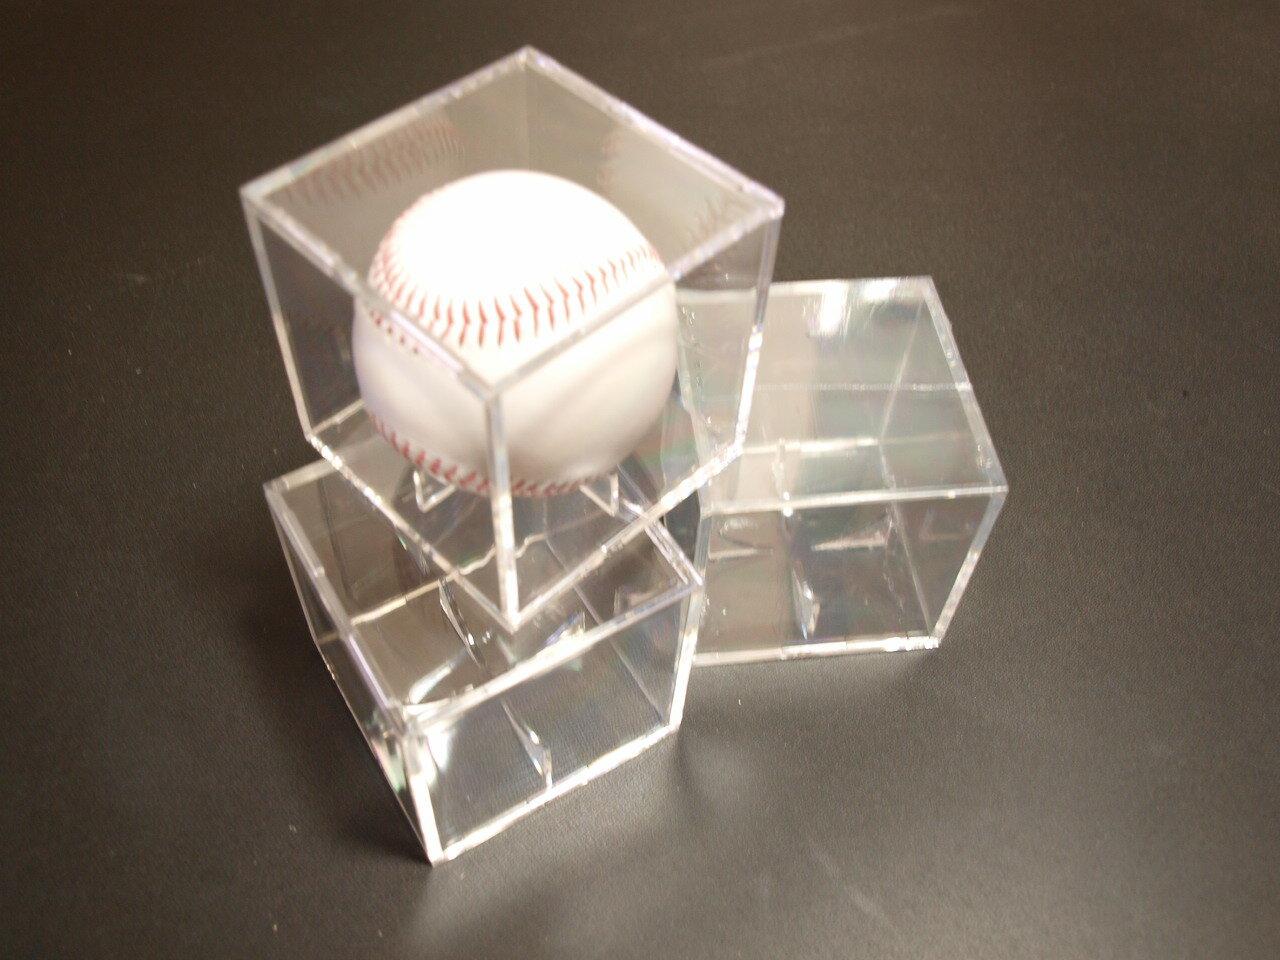 UltraPro UVケア カット!サインボールがコレクションケース付で!野球用品/記念グッズ/野球ボール/硬球、軟球/サインボールケース